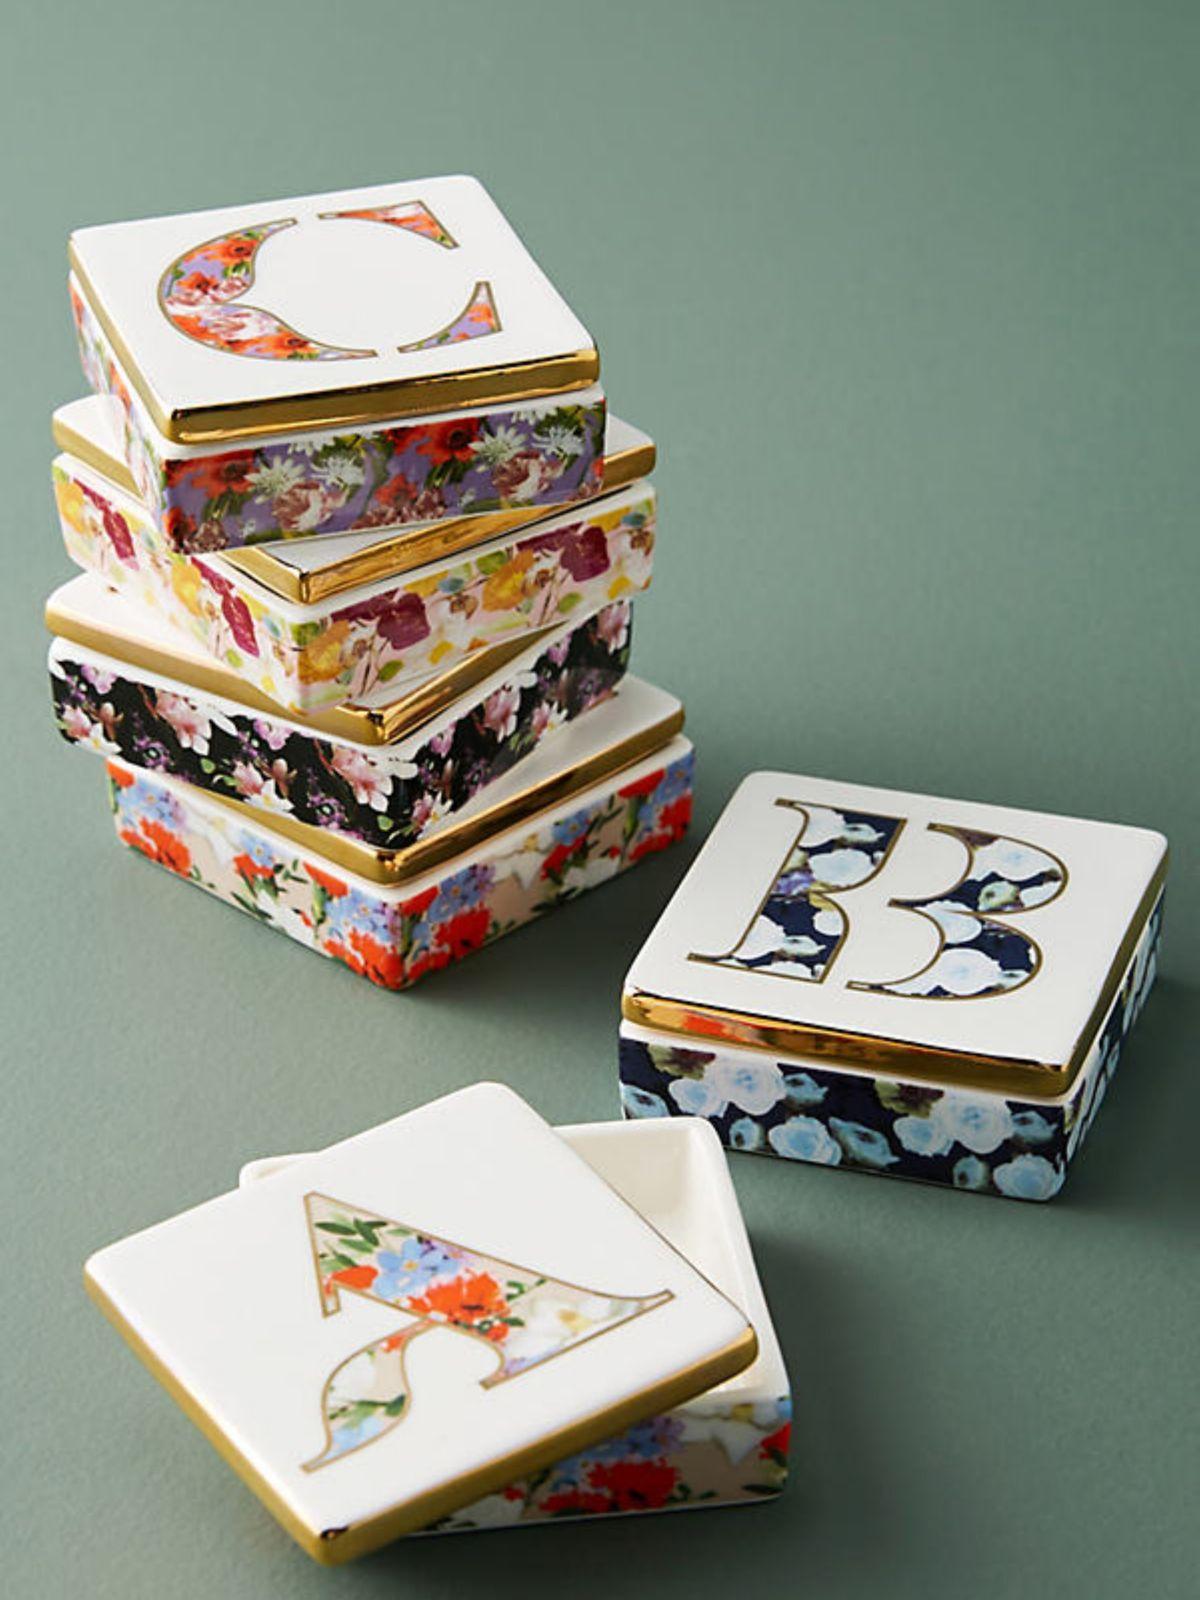 קופסת תכשיטים עם ציורי פרחים / Qקופסת תכשיטים עם ציורי פרחים / Q של ANTHROPOLOGIE